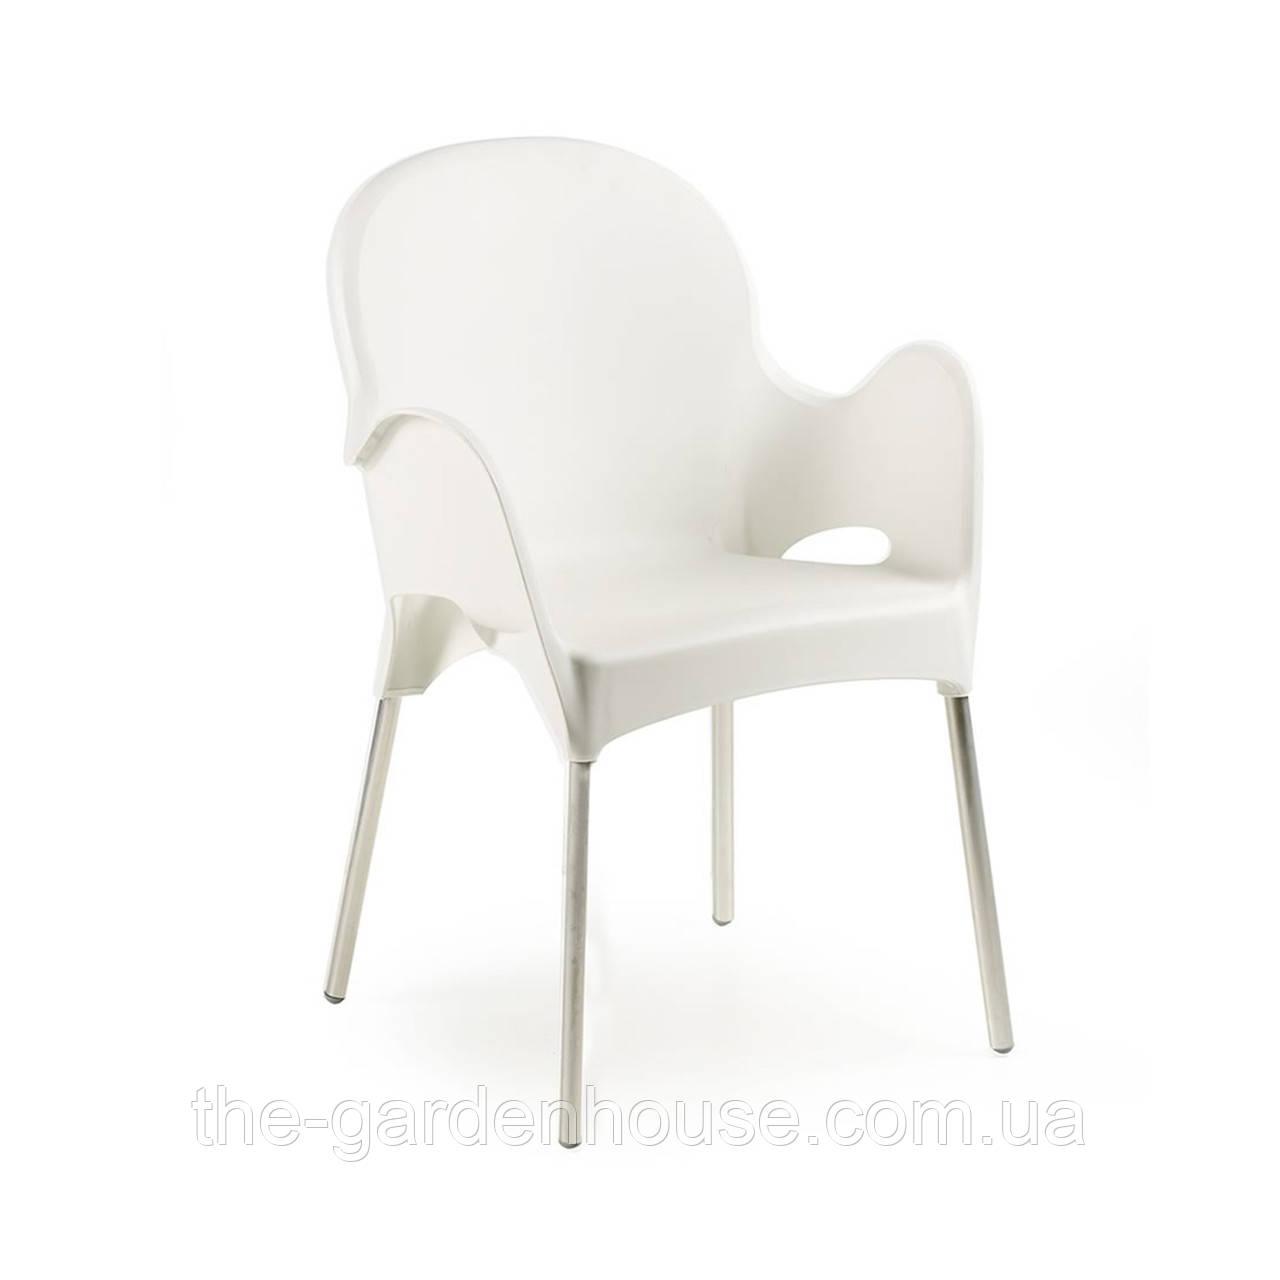 Пластиковый стул Atena с алюминиевыми ножками белый